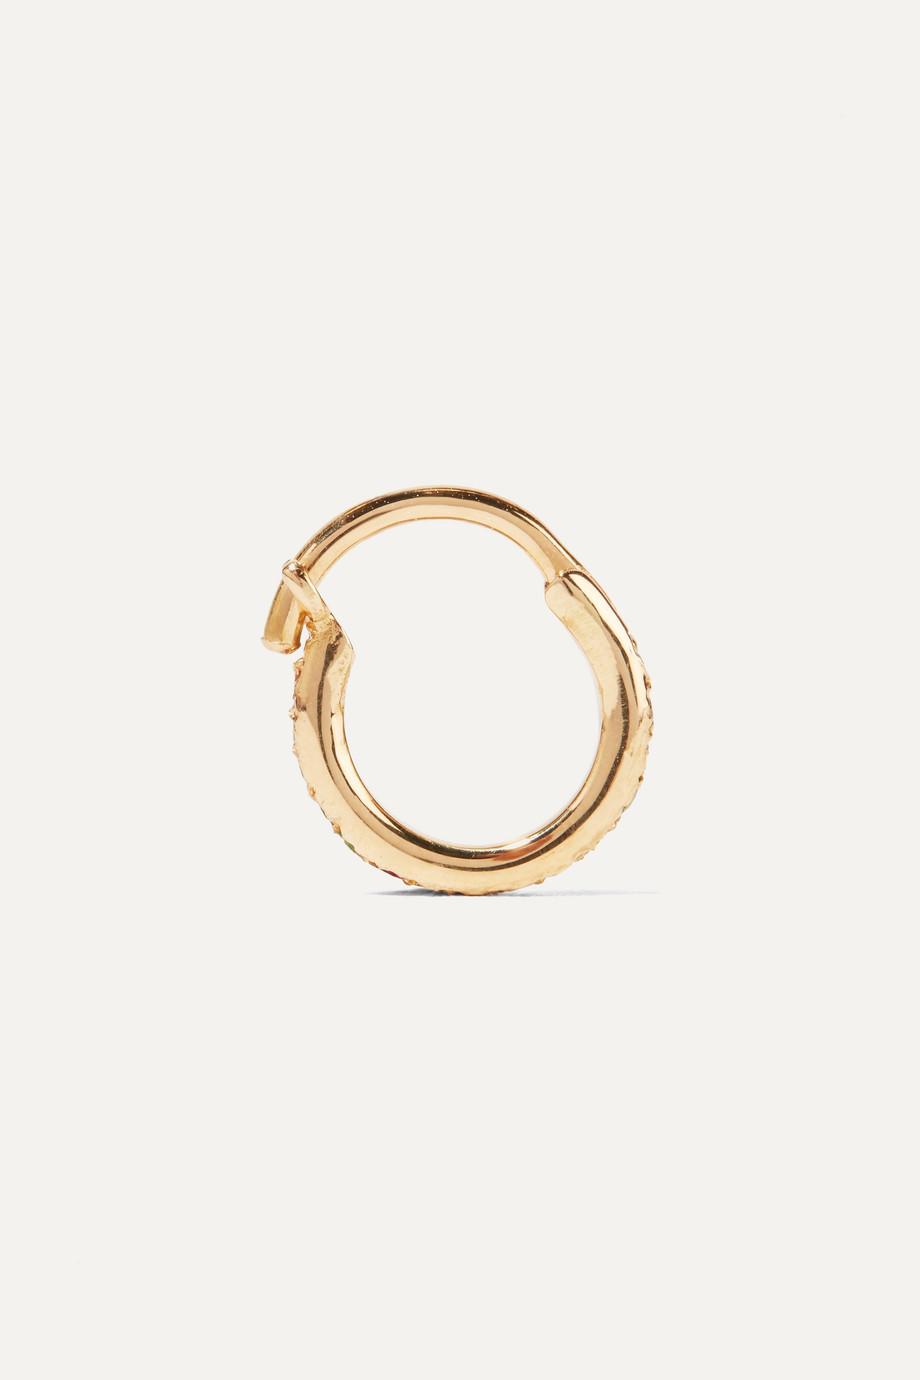 Ileana Makri Mini Rainbow 18K 黄金多种宝石耳环